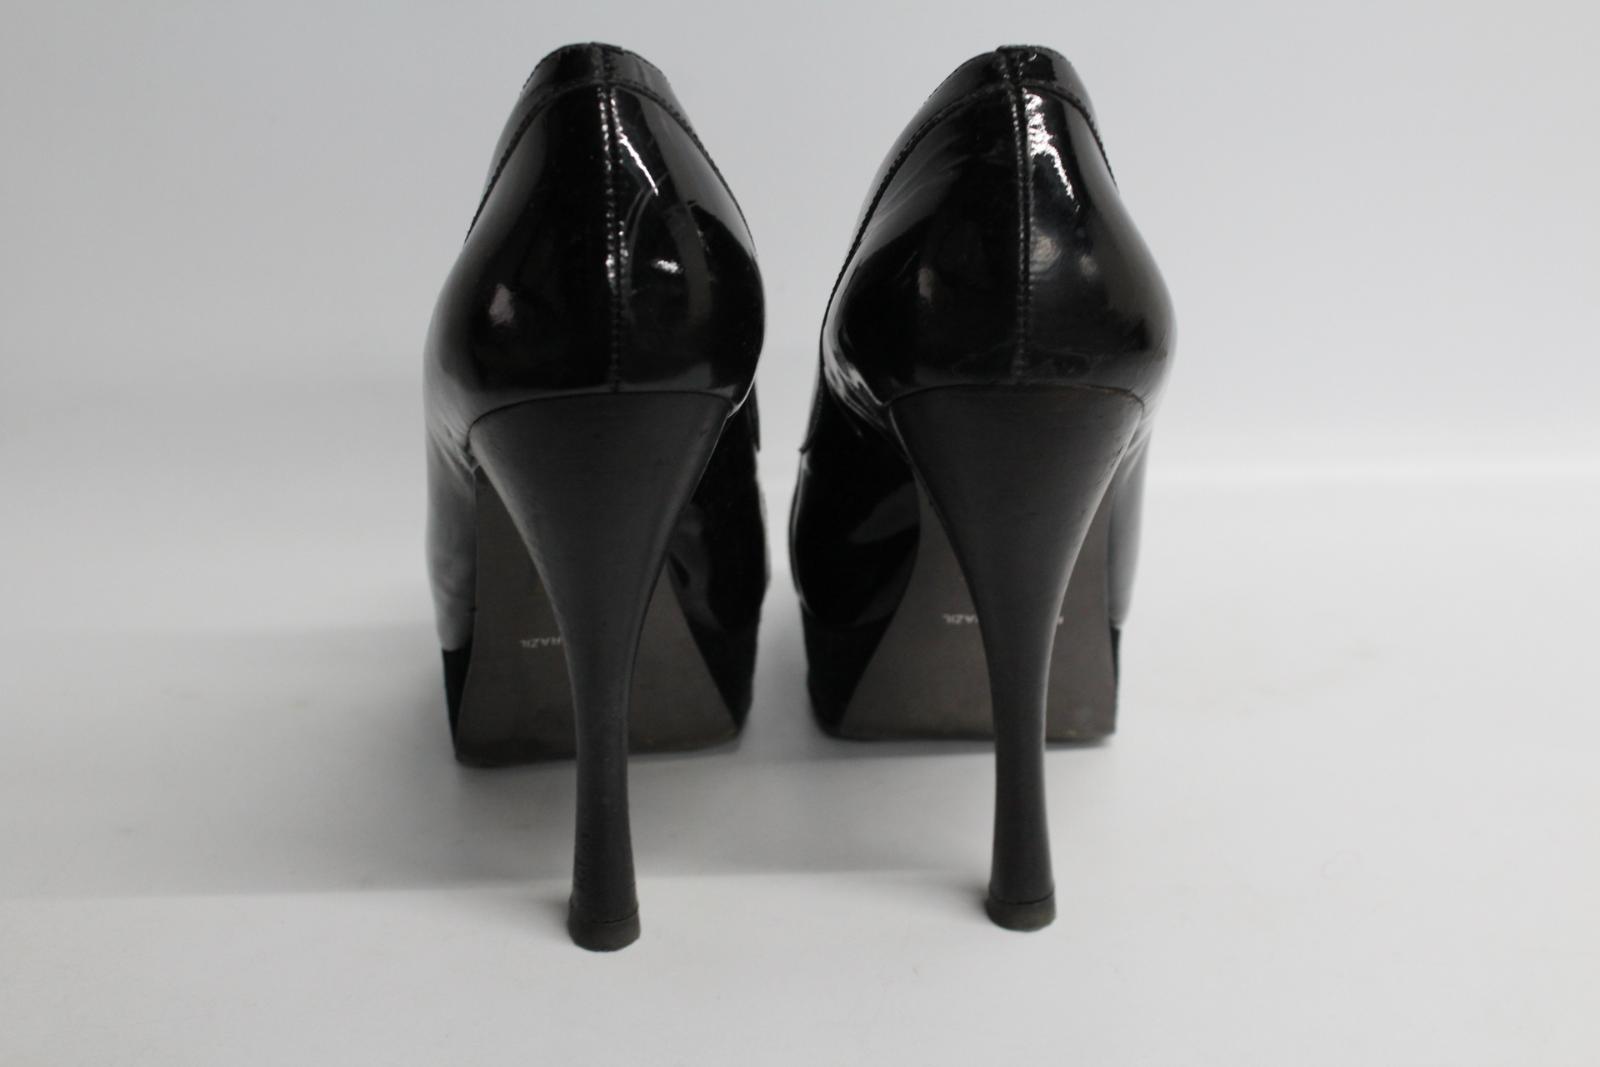 Carvela-Damas-De-Cuero-Negro-Resbalon-en-Zapatos-Tacon-Stiletto-botas-talla-UK7-EU40 miniatura 5